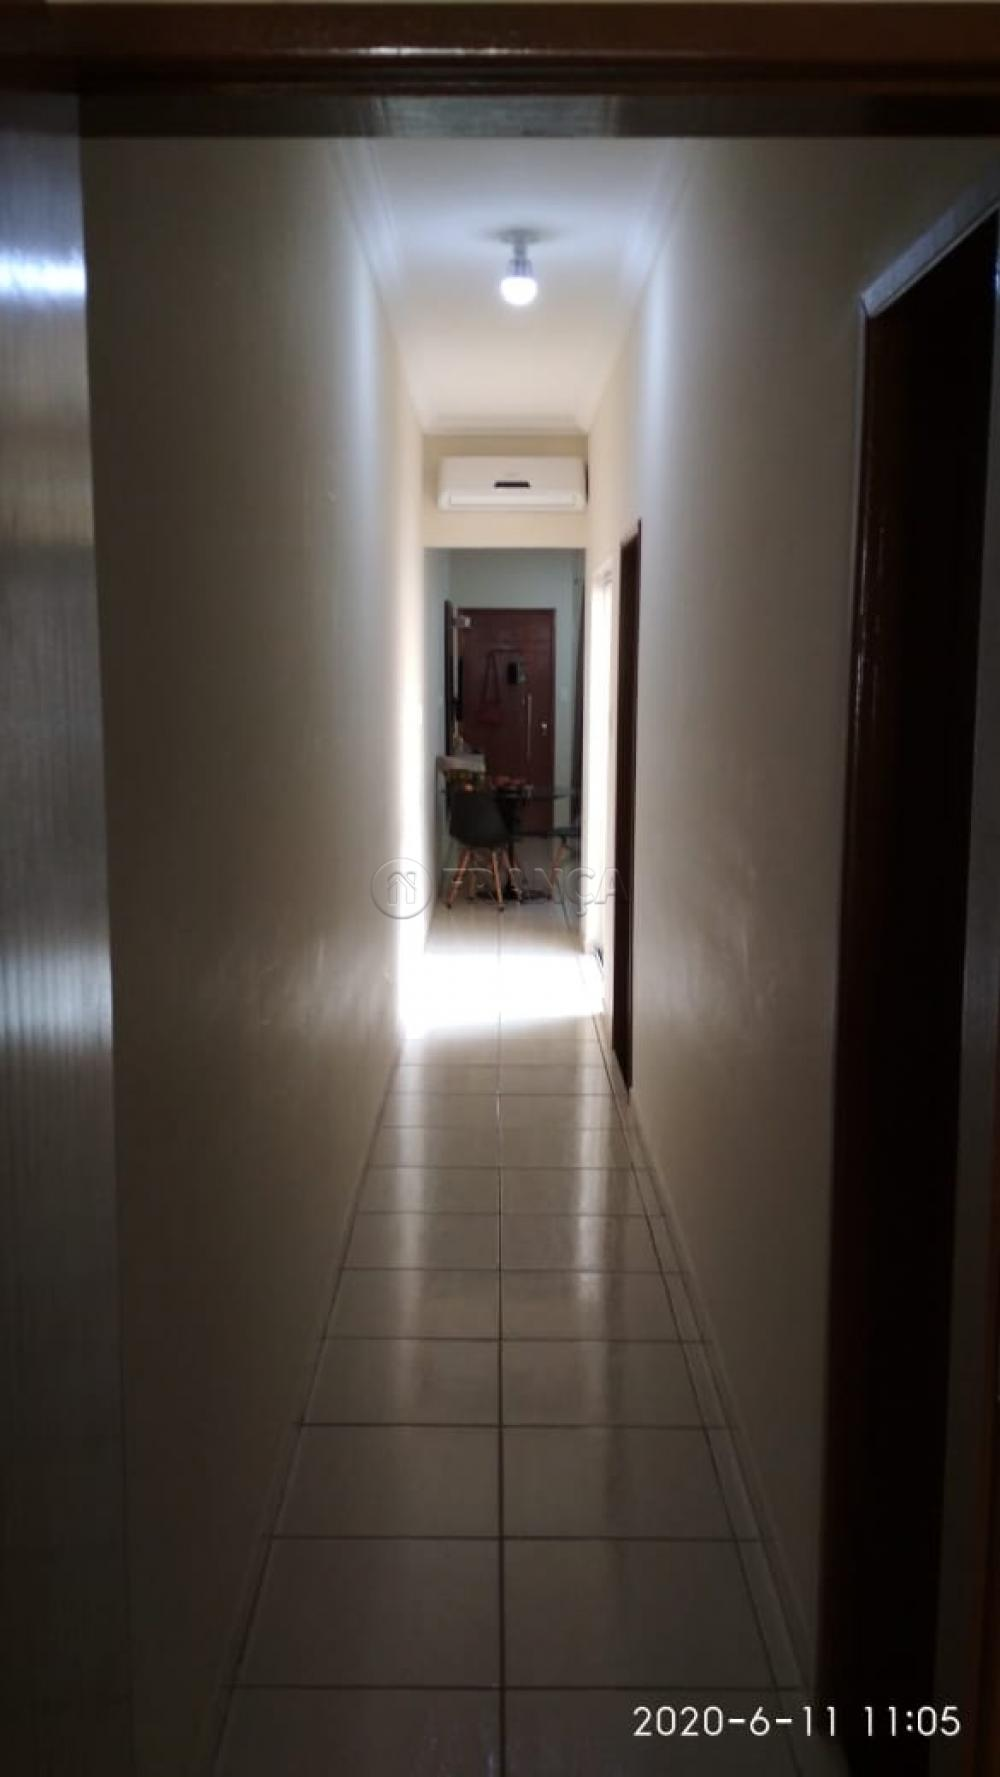 Comprar Casa / Padrão em Caçapava apenas R$ 160.000,00 - Foto 5